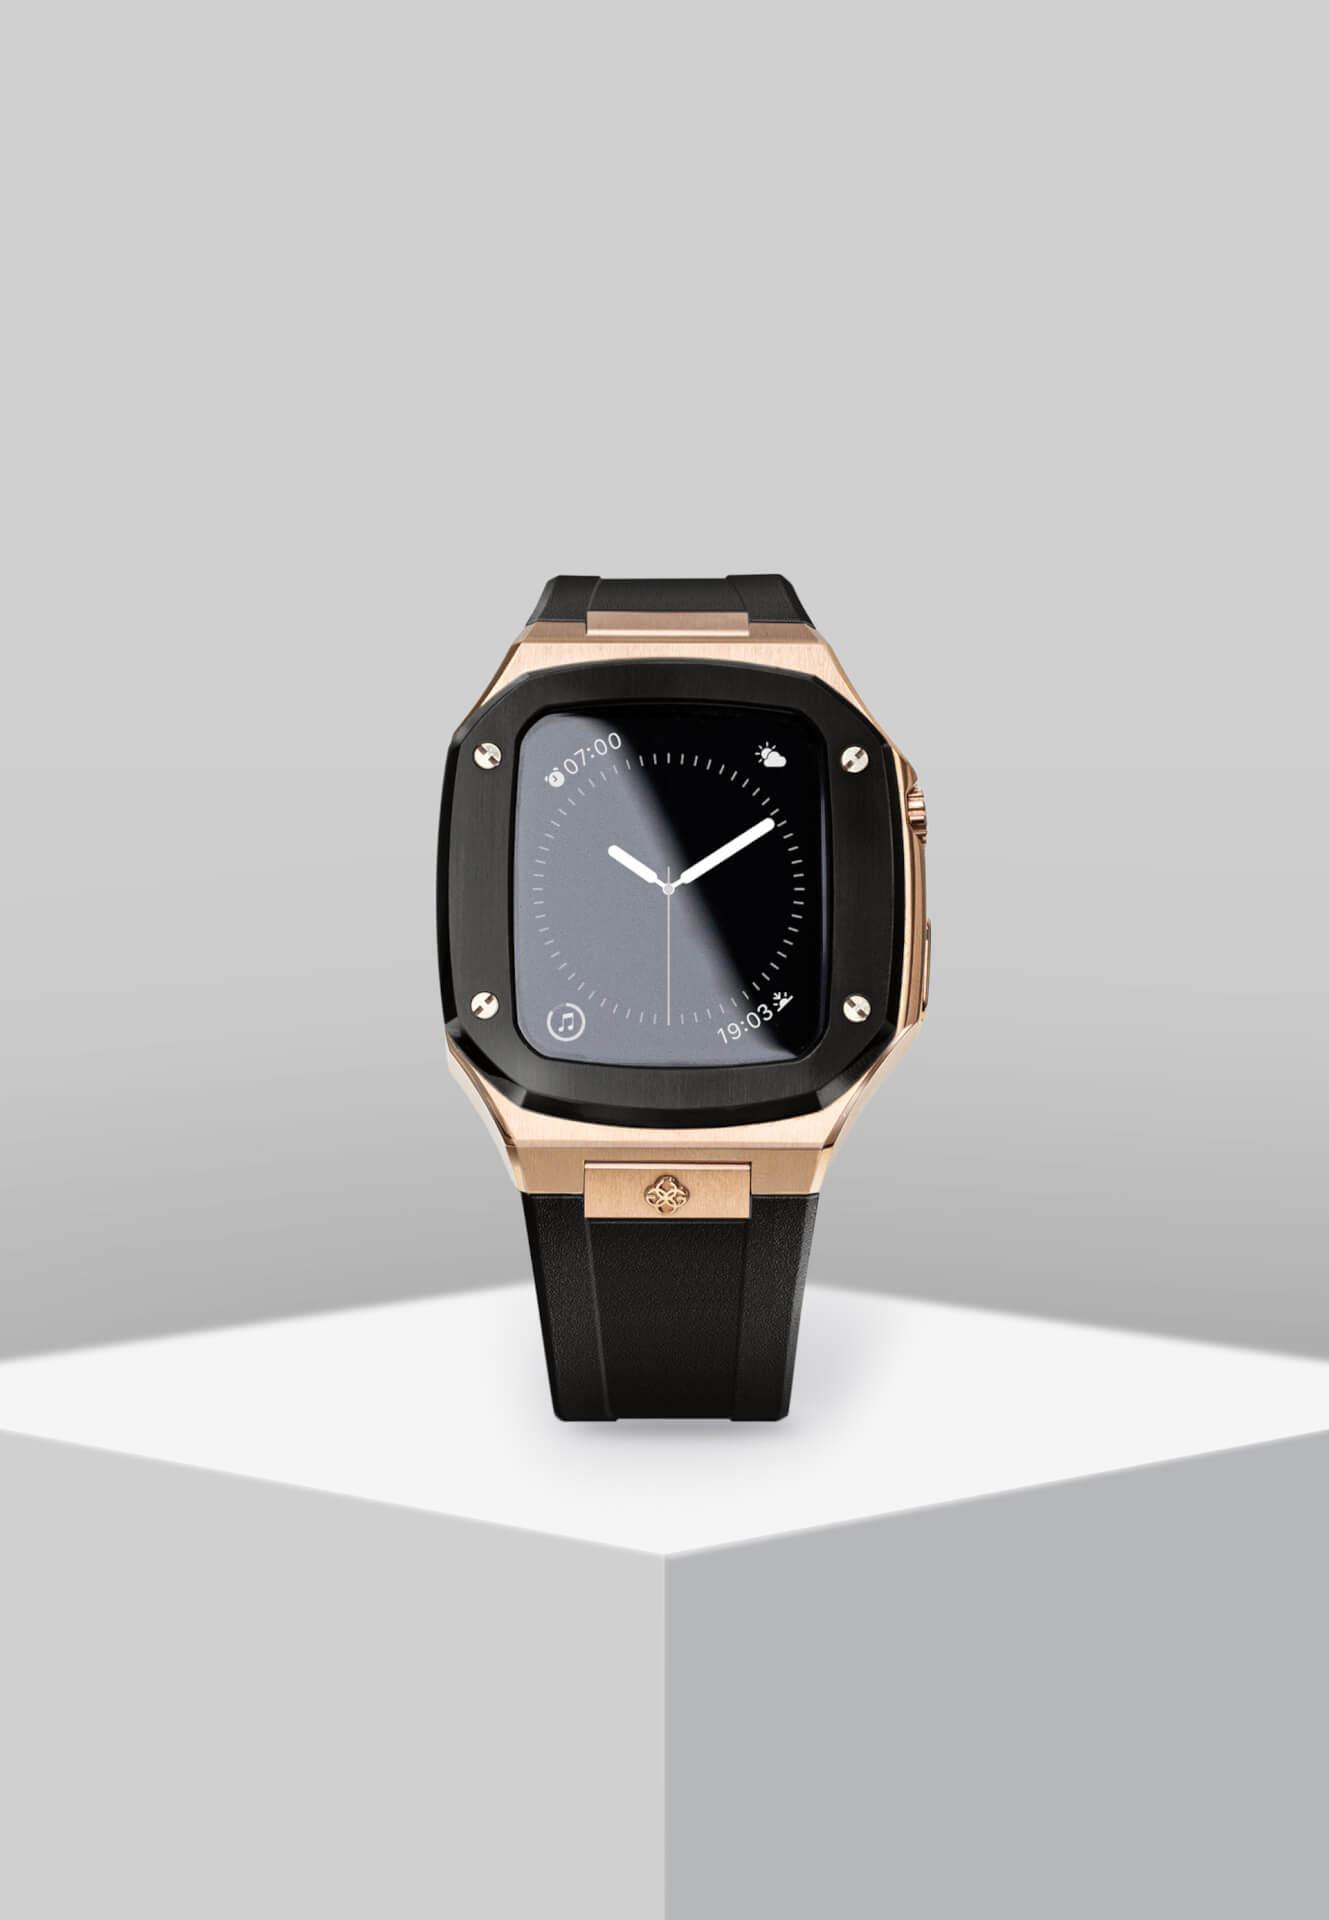 高級感漂うGOLDEN CONCEPTのApple Watchケースに待望の40mm用新コレクションが登場!ホワイト、イエローなどの新カラーがラインナップ tech201124_applewatch_case_14